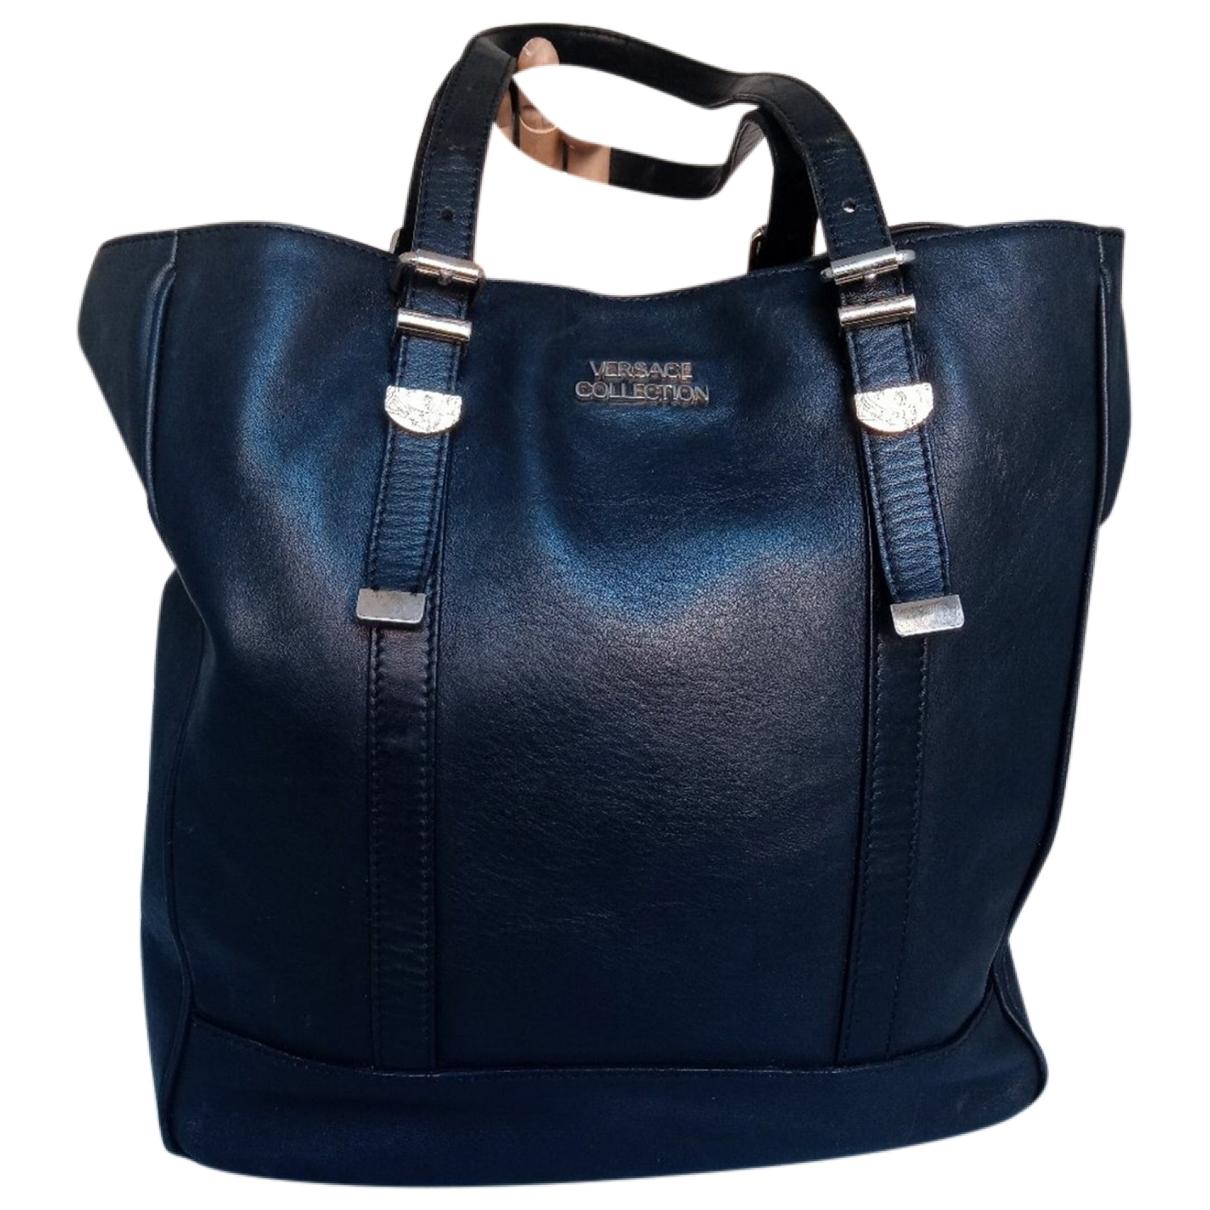 Versace \N Black Leather handbag for Women \N